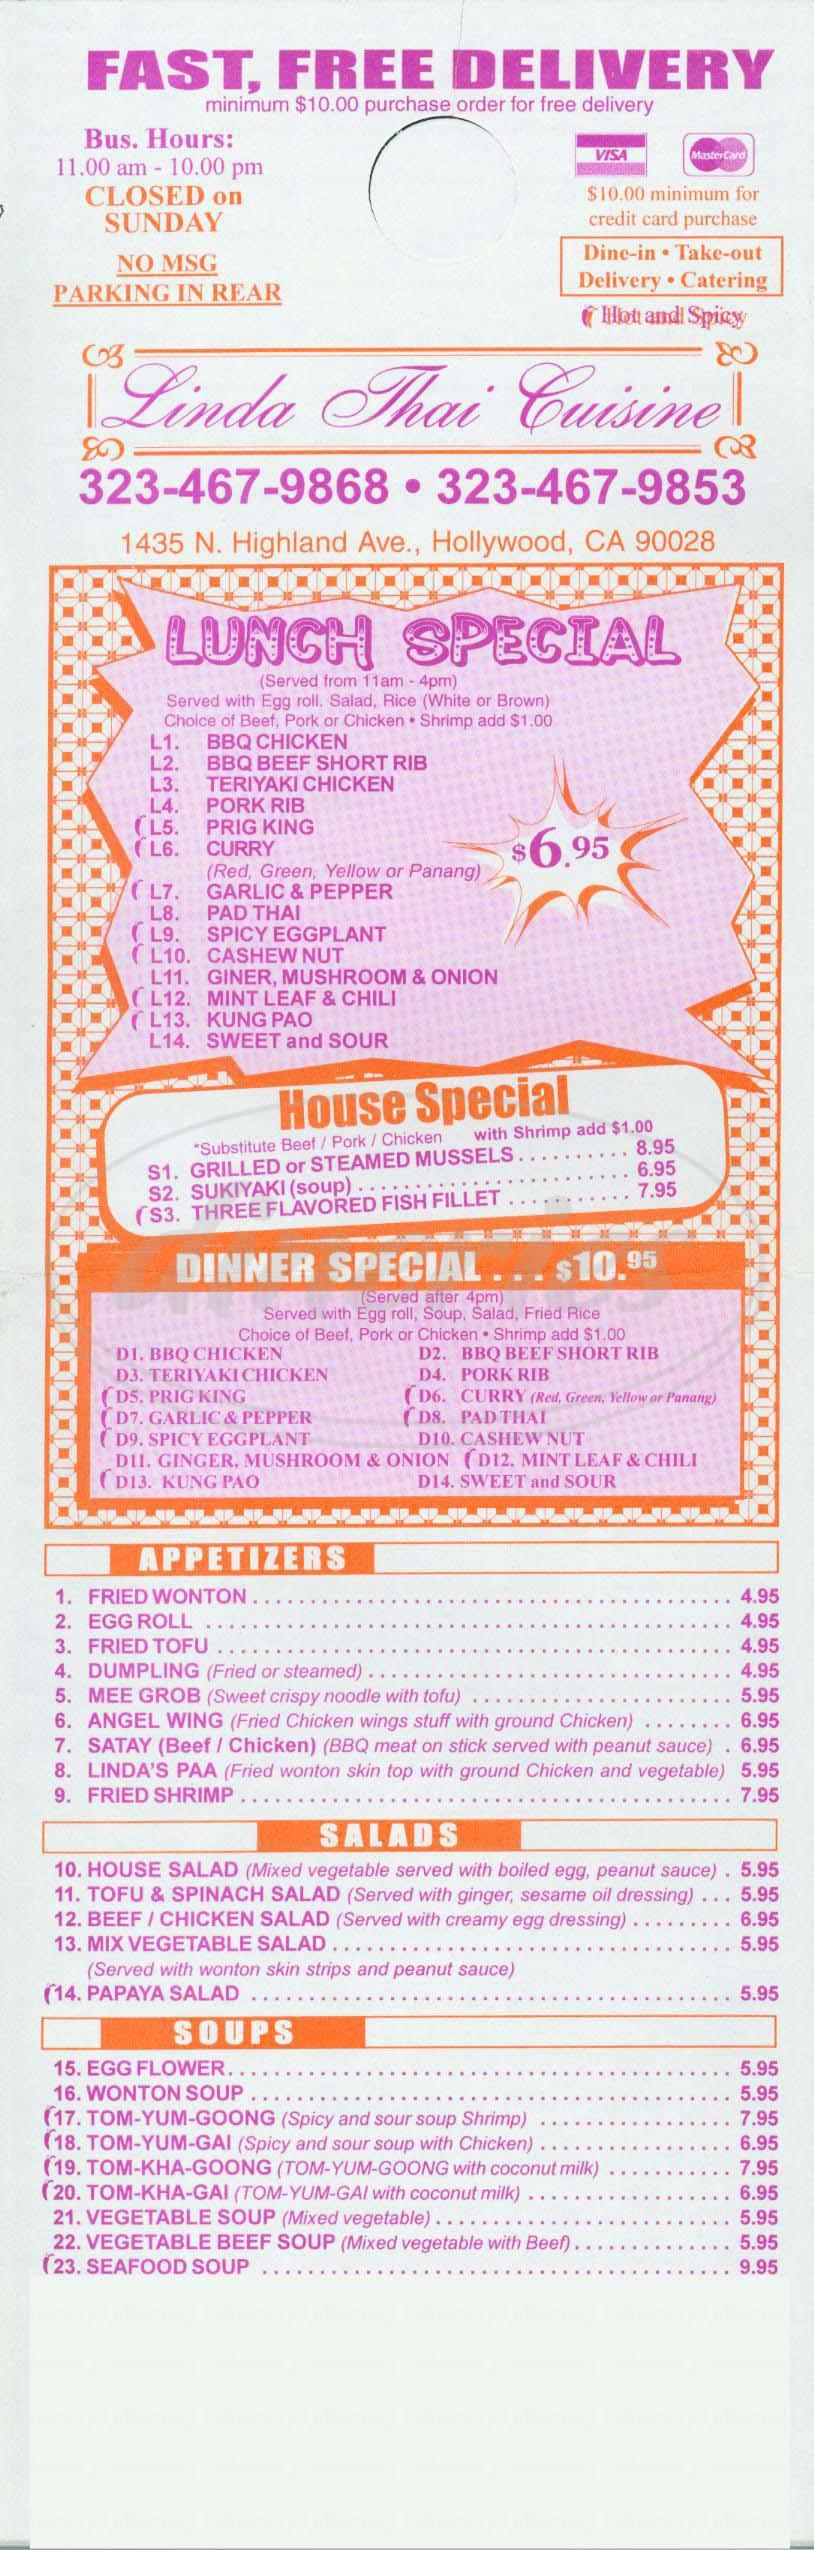 menu for Linda Thai Cuisine